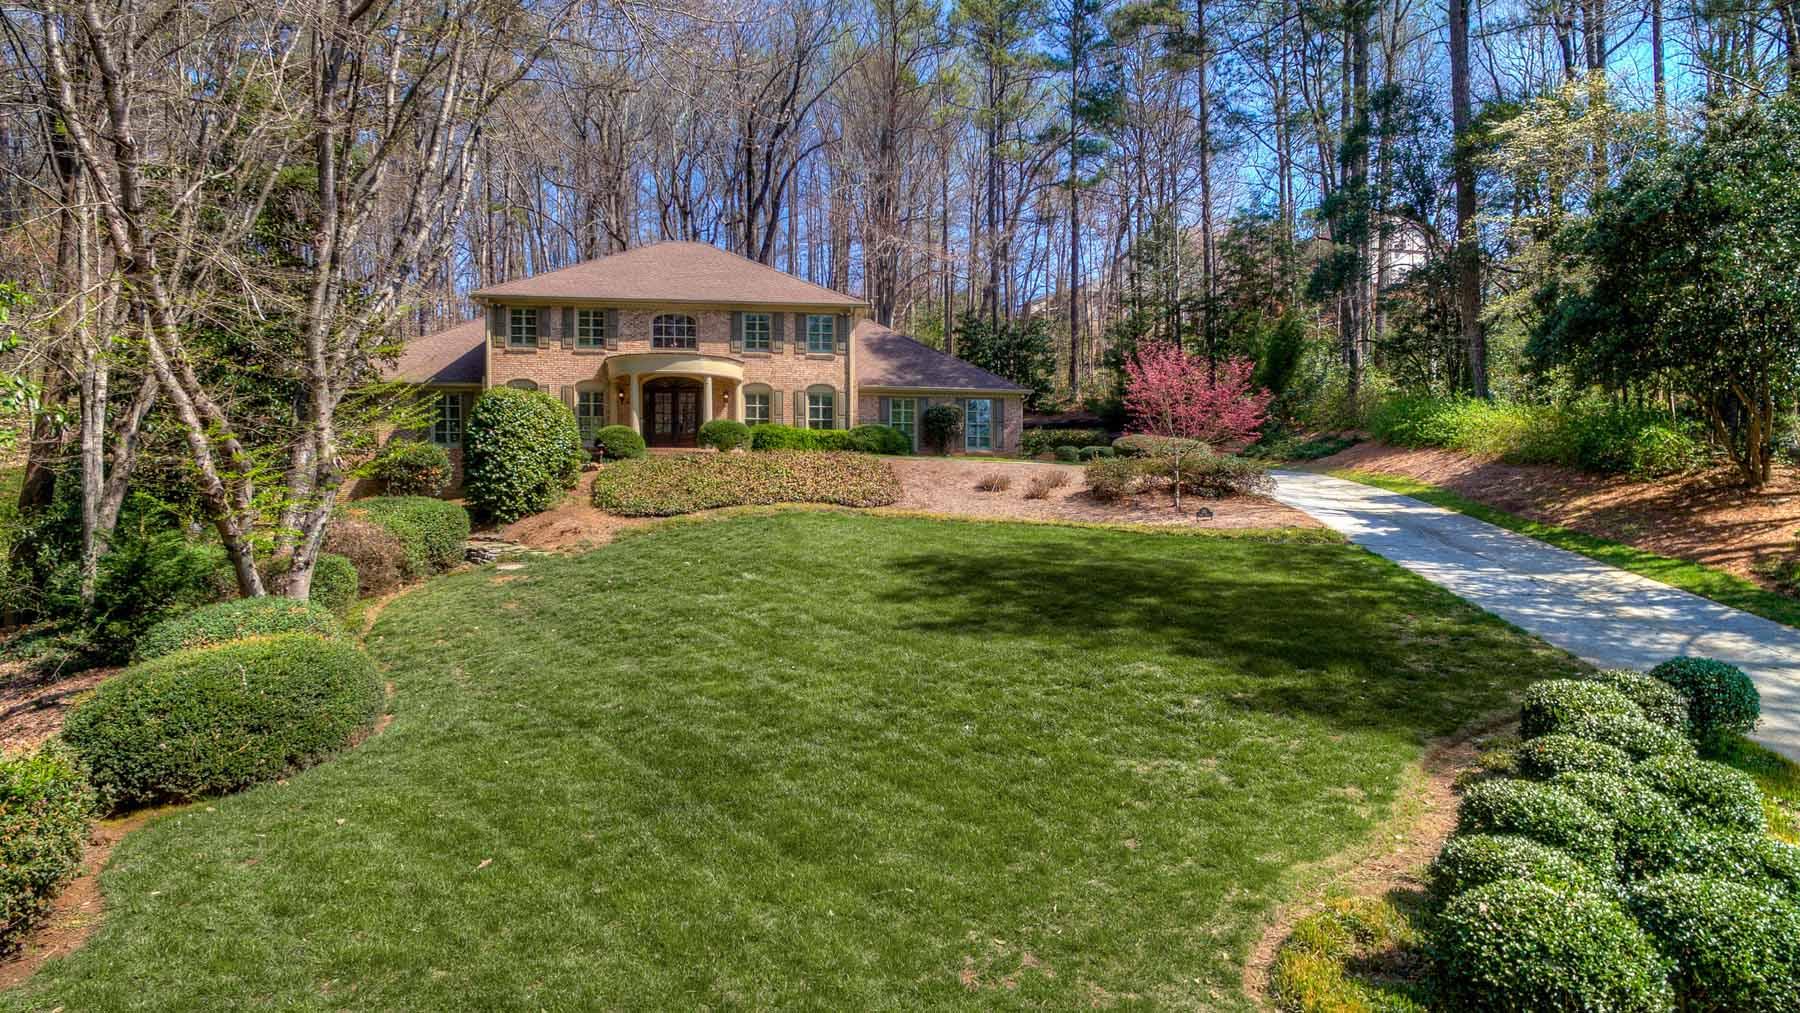 独户住宅 为 销售 在 Beautiful Traditional Home On Cul-De-Sac 135 Trail Point 桑迪, 乔治亚州, 30350 美国